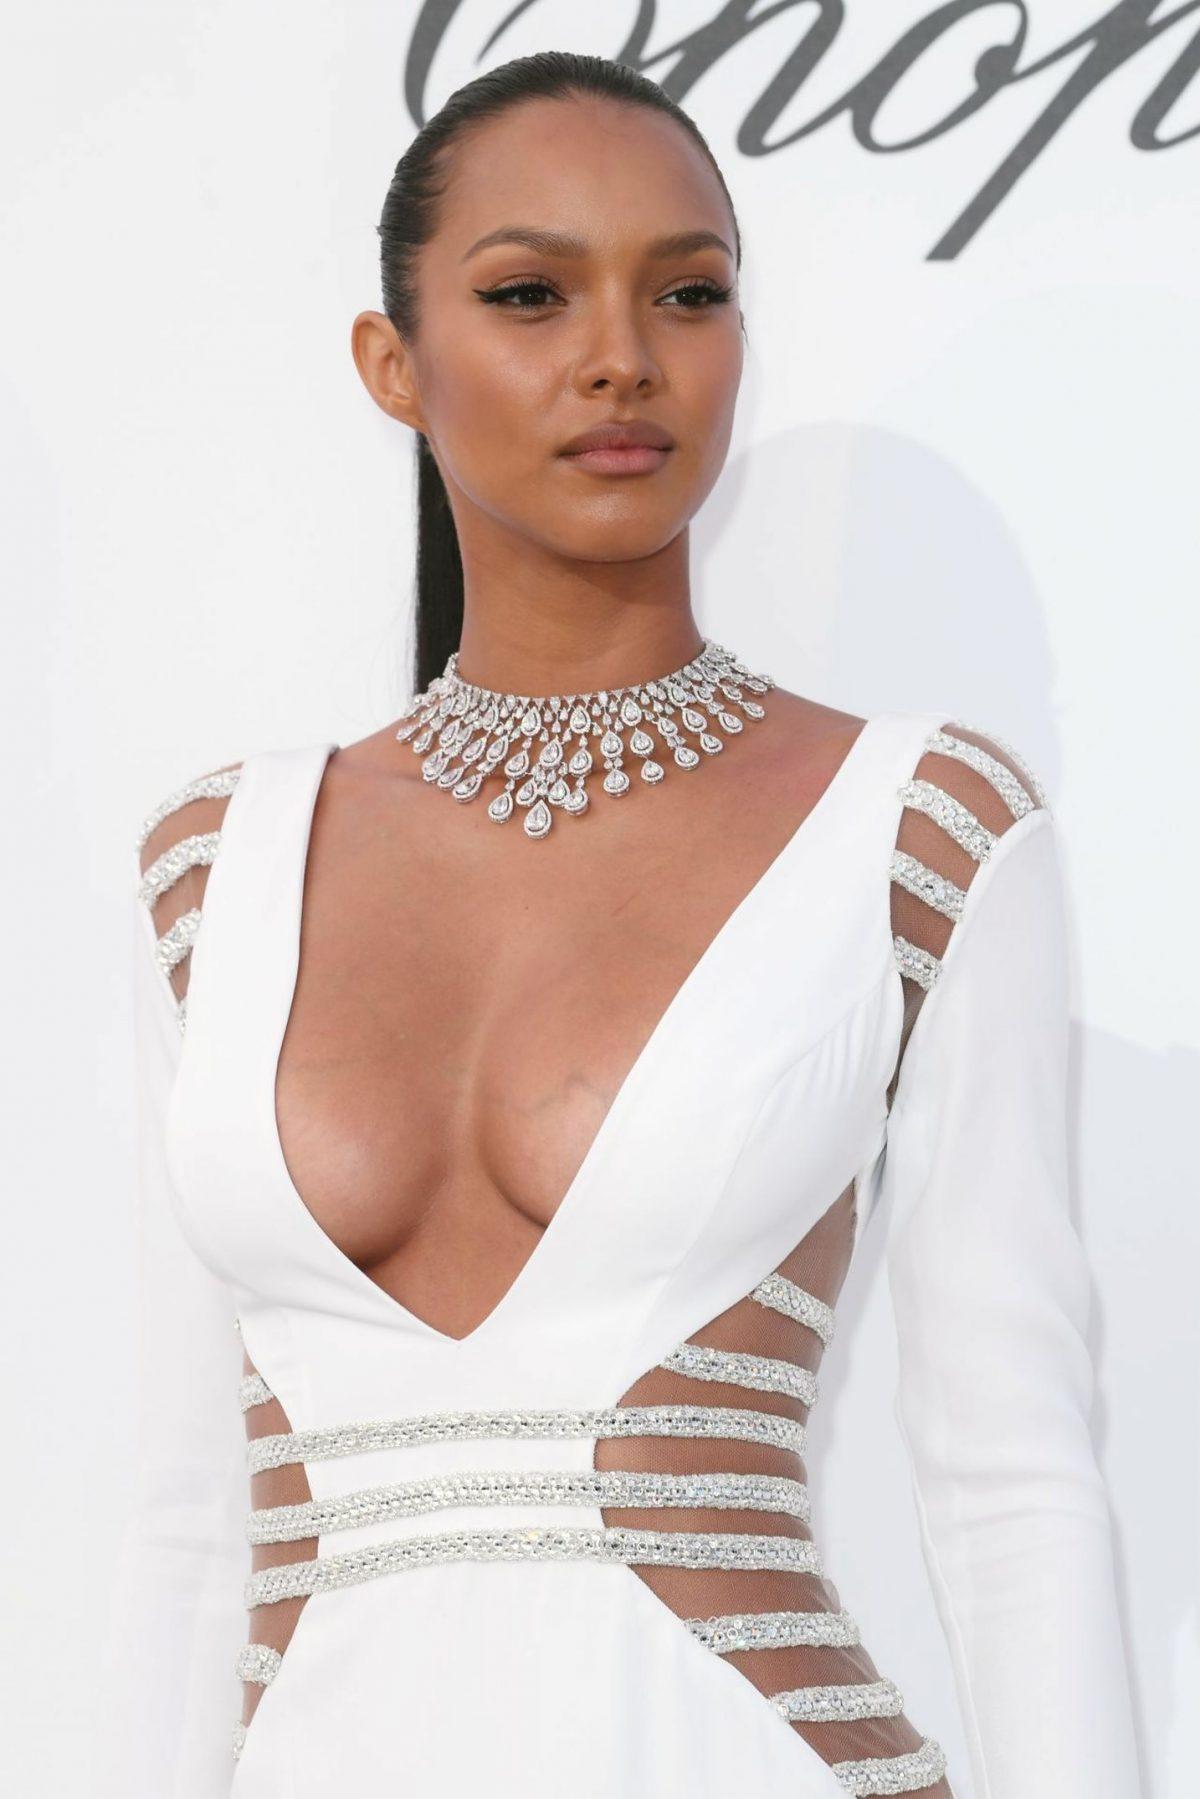 Lais Ribeiro boobs